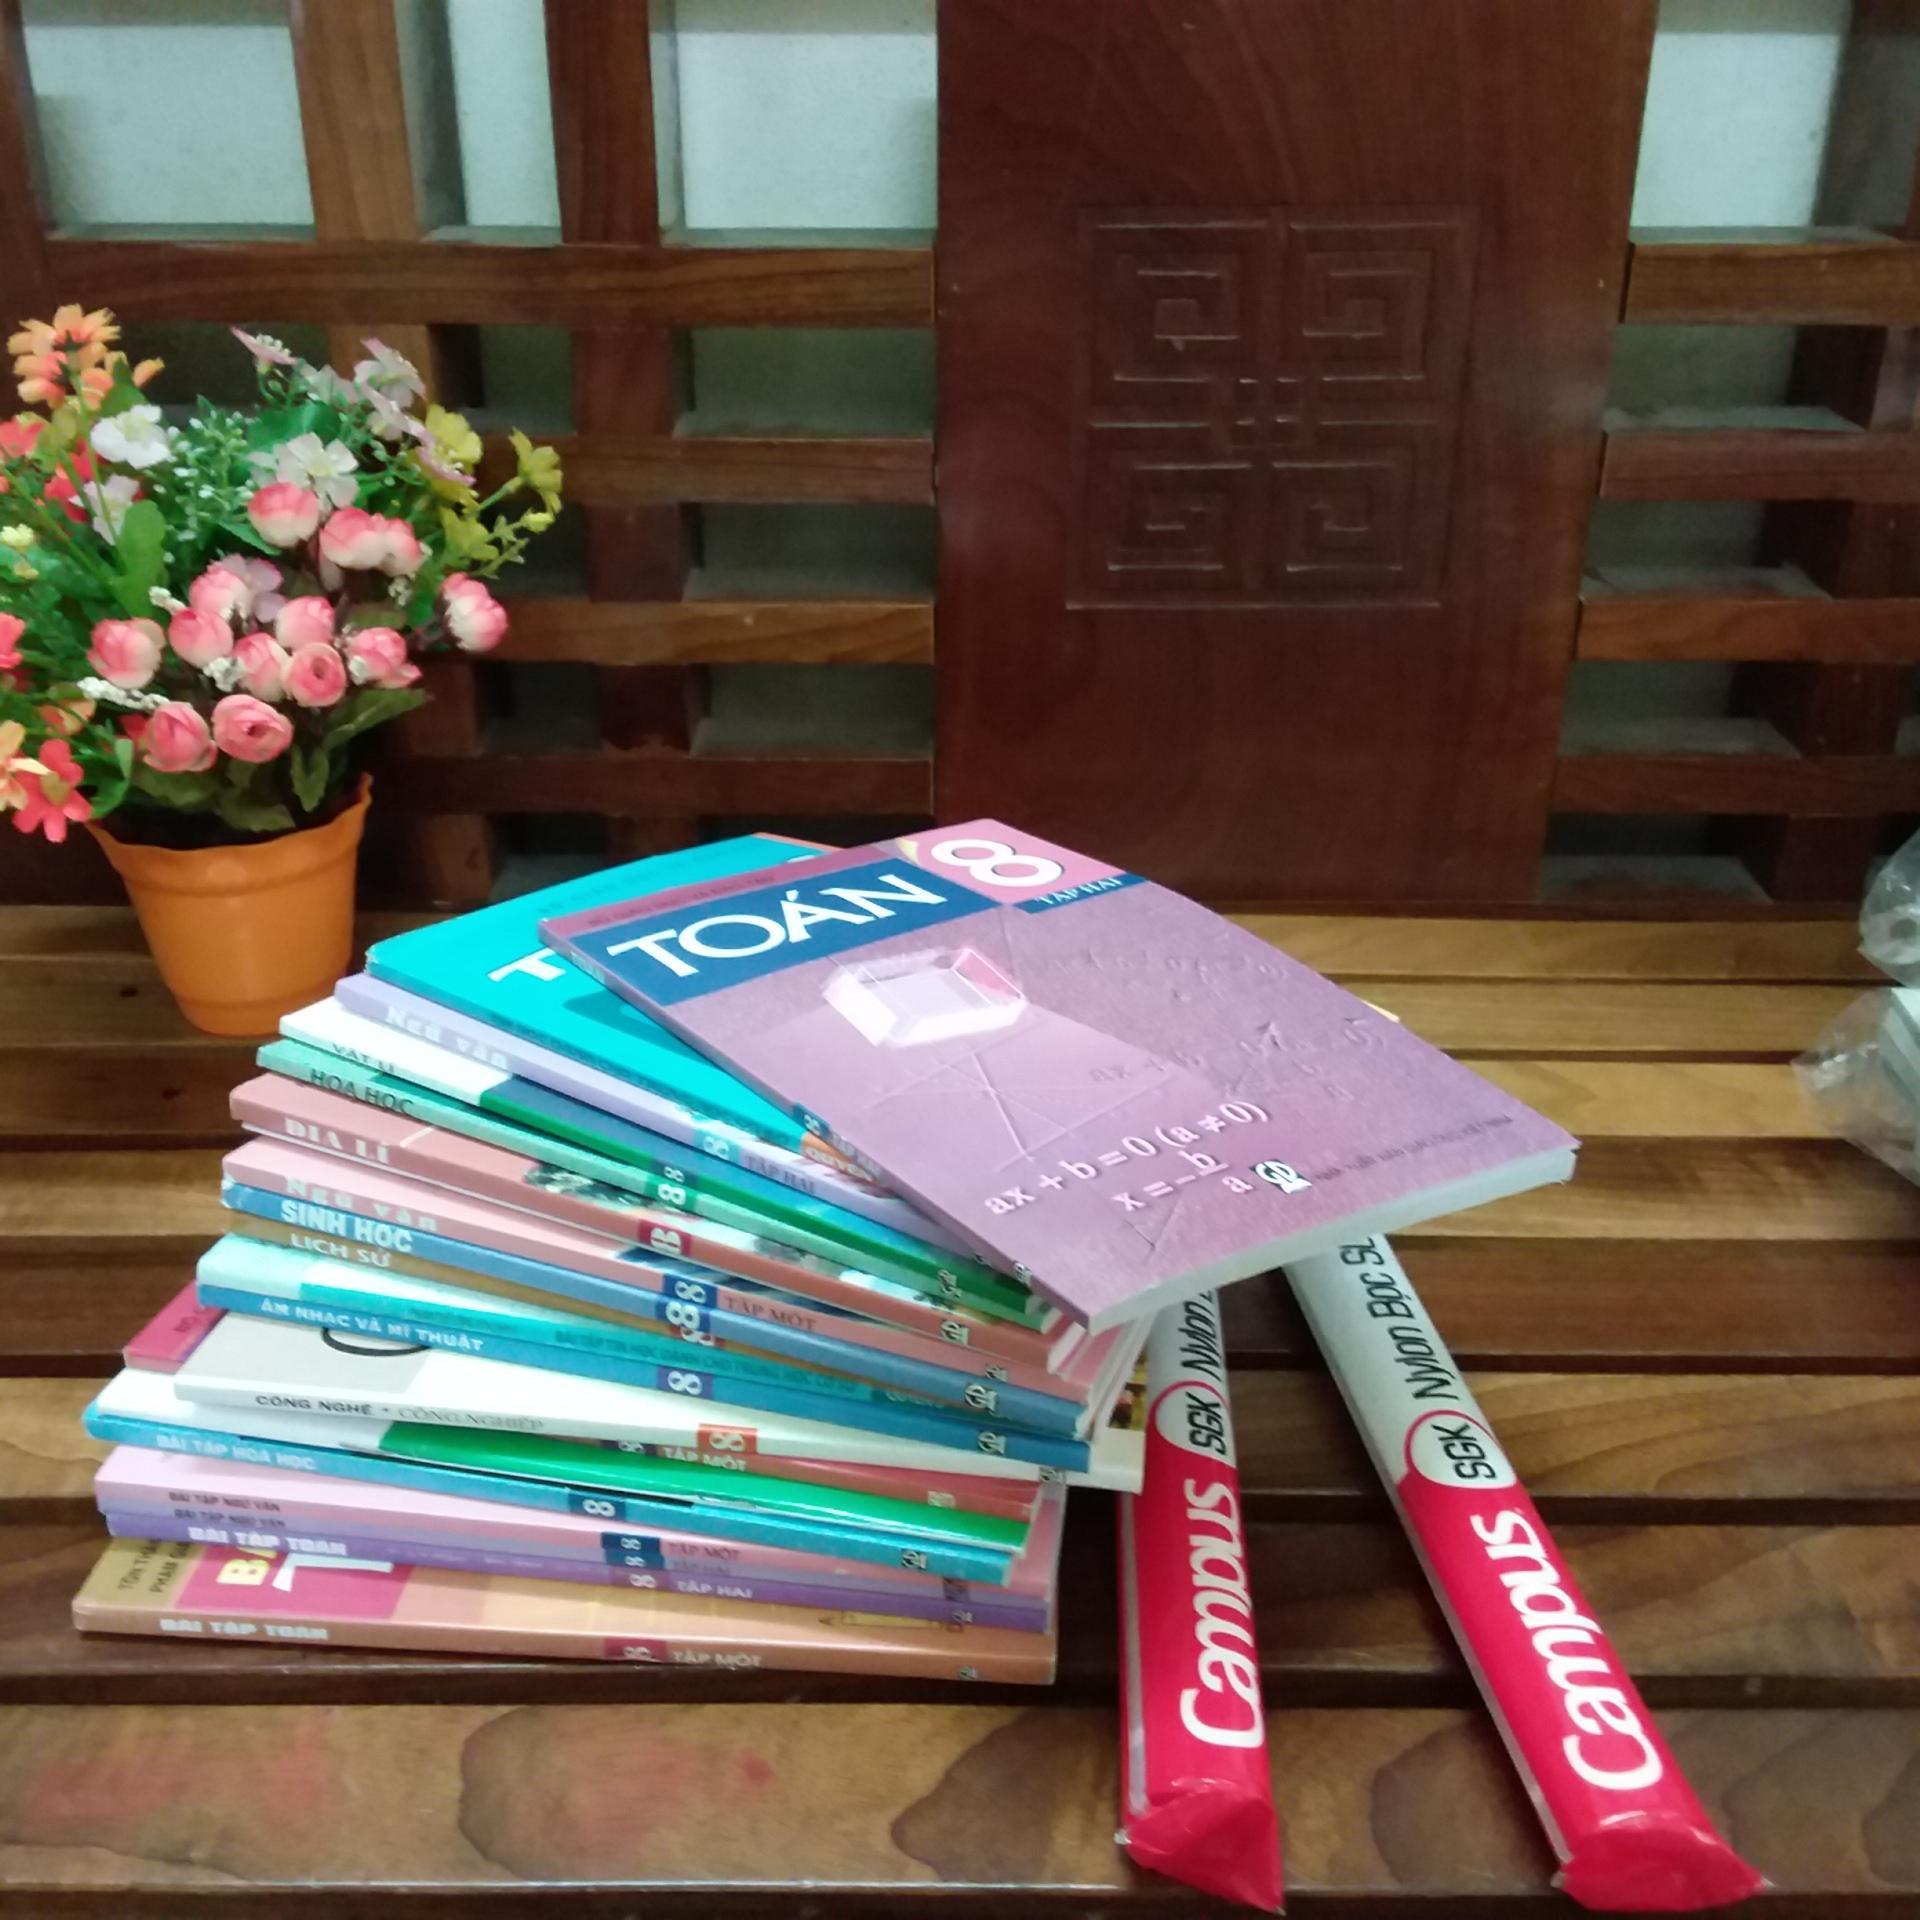 Mua Trọn Bộ sách giáo khoa lớp 8 + 2 tập bọc sách giáo khoa